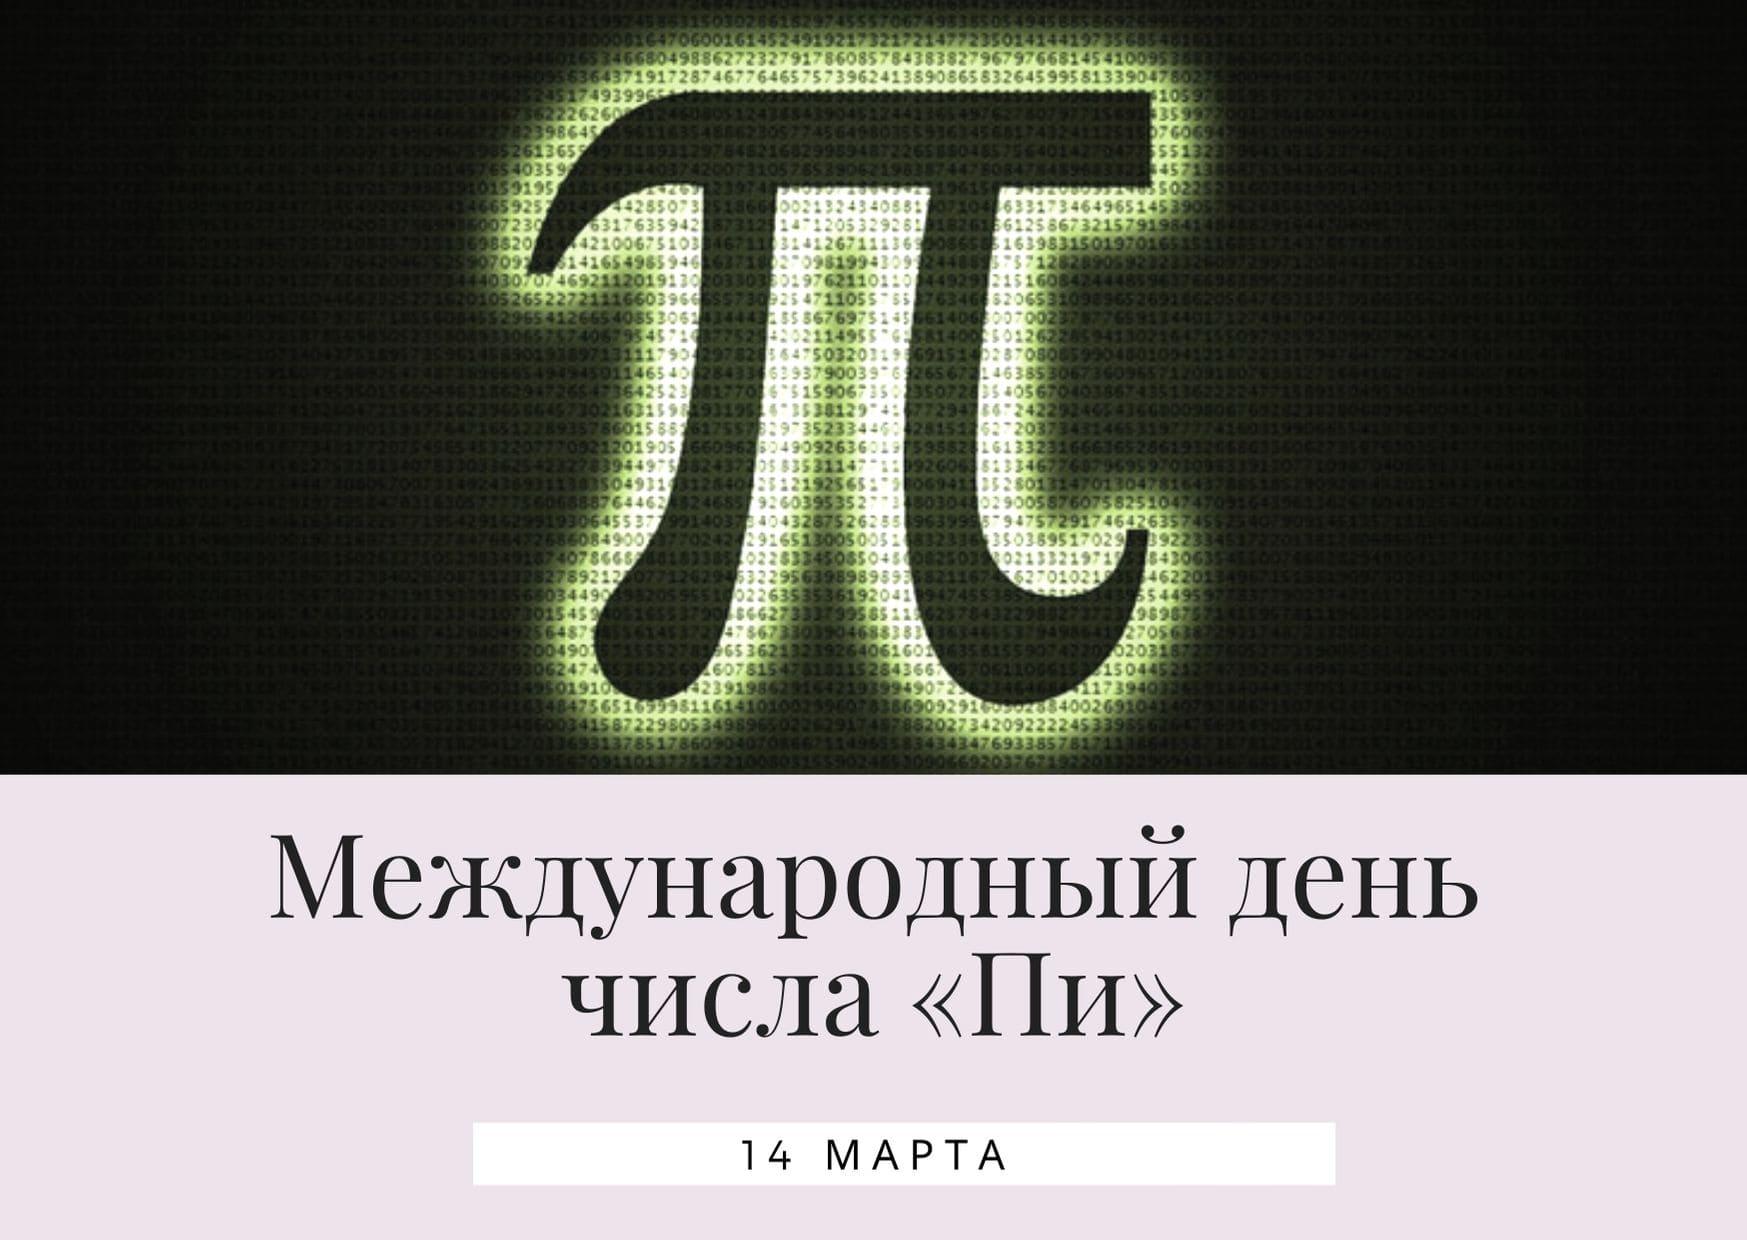 Международный день числа «Пи». 14 марта